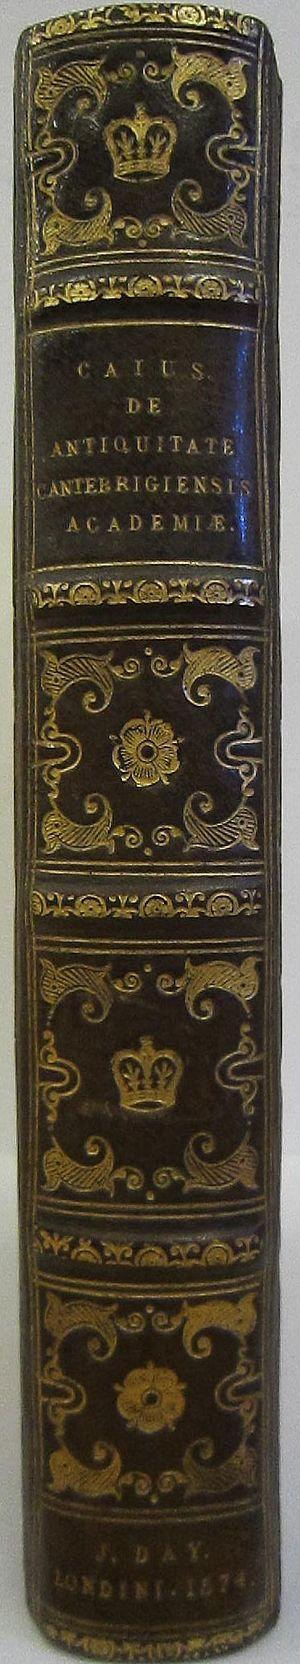 John Caius - De antiquitate Cantebrigiensis Academiæ by John Caius